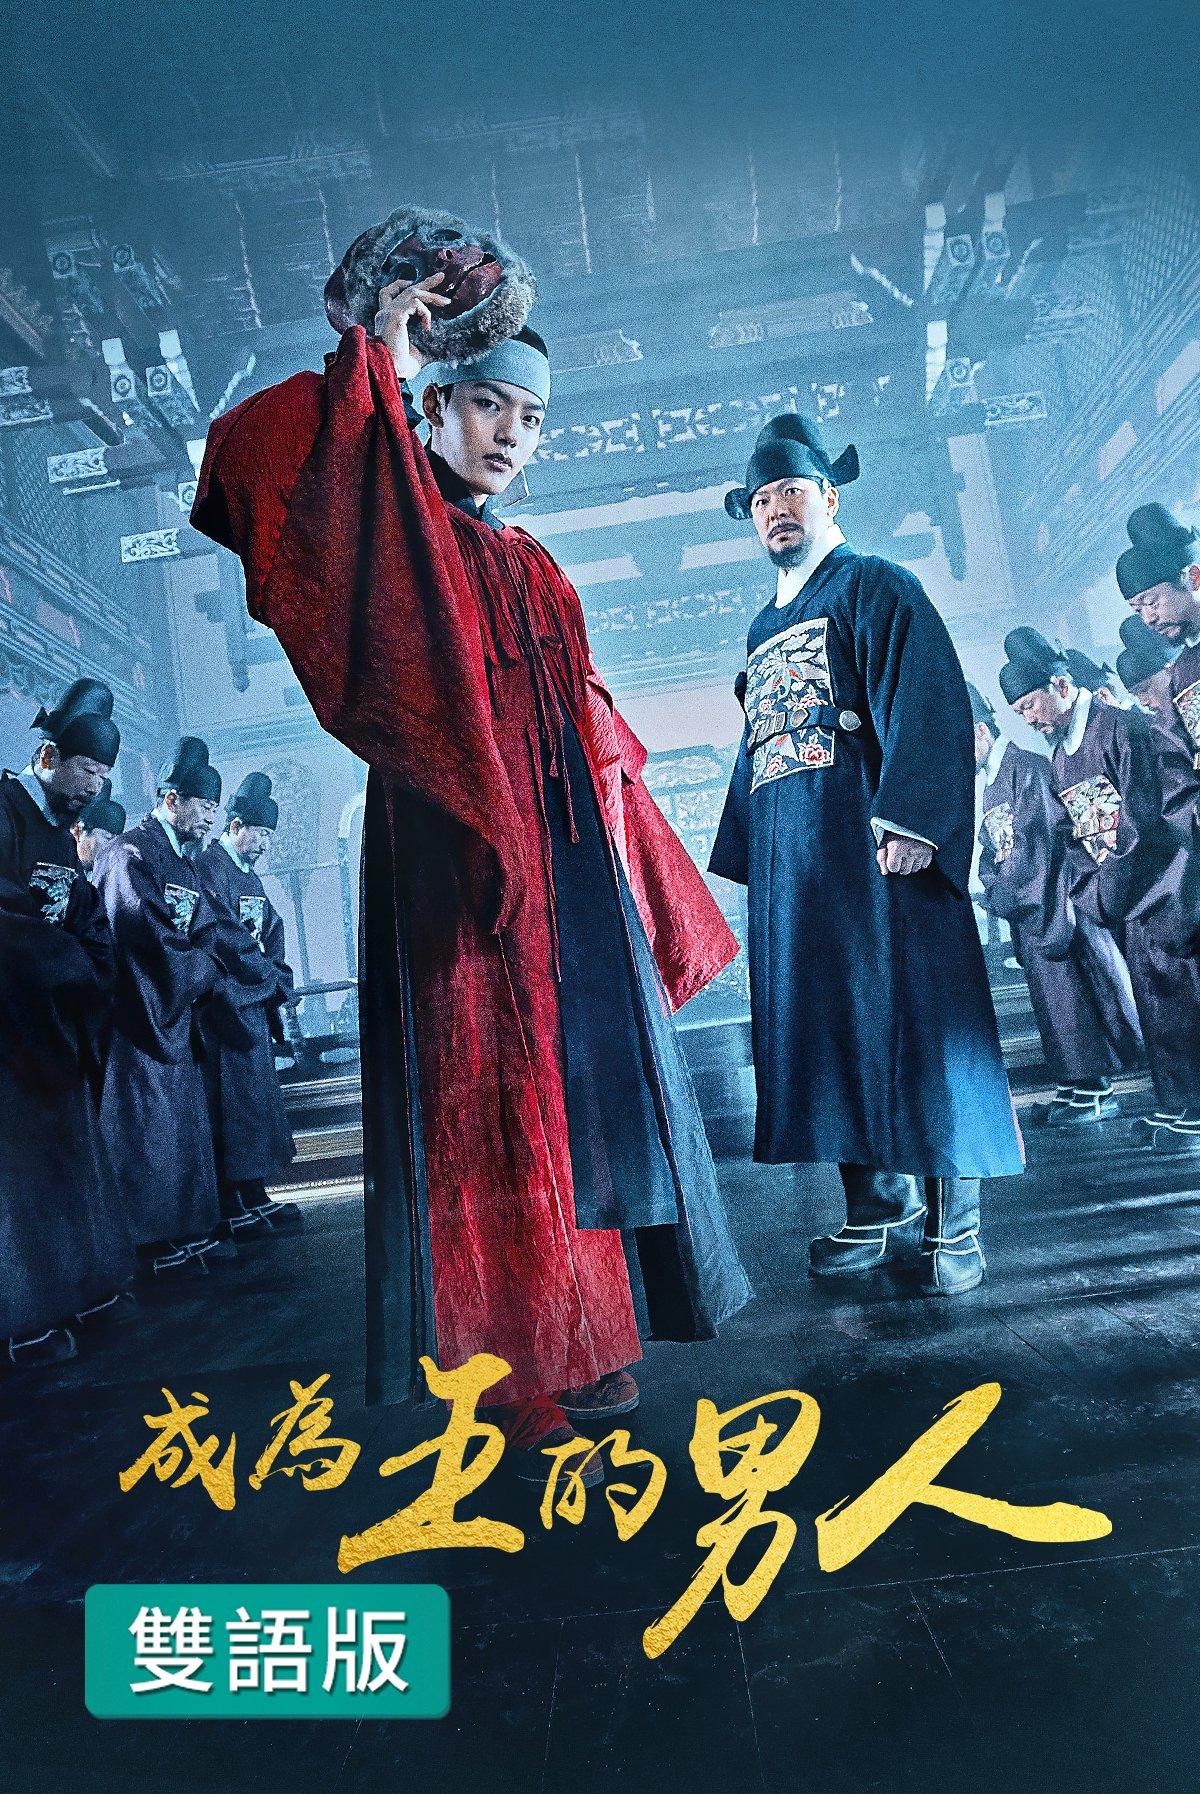 ซีรี่ย์เกาหลี The Crowned Clown สลับร่างล้างบัลลังก์ พากย์ไทย